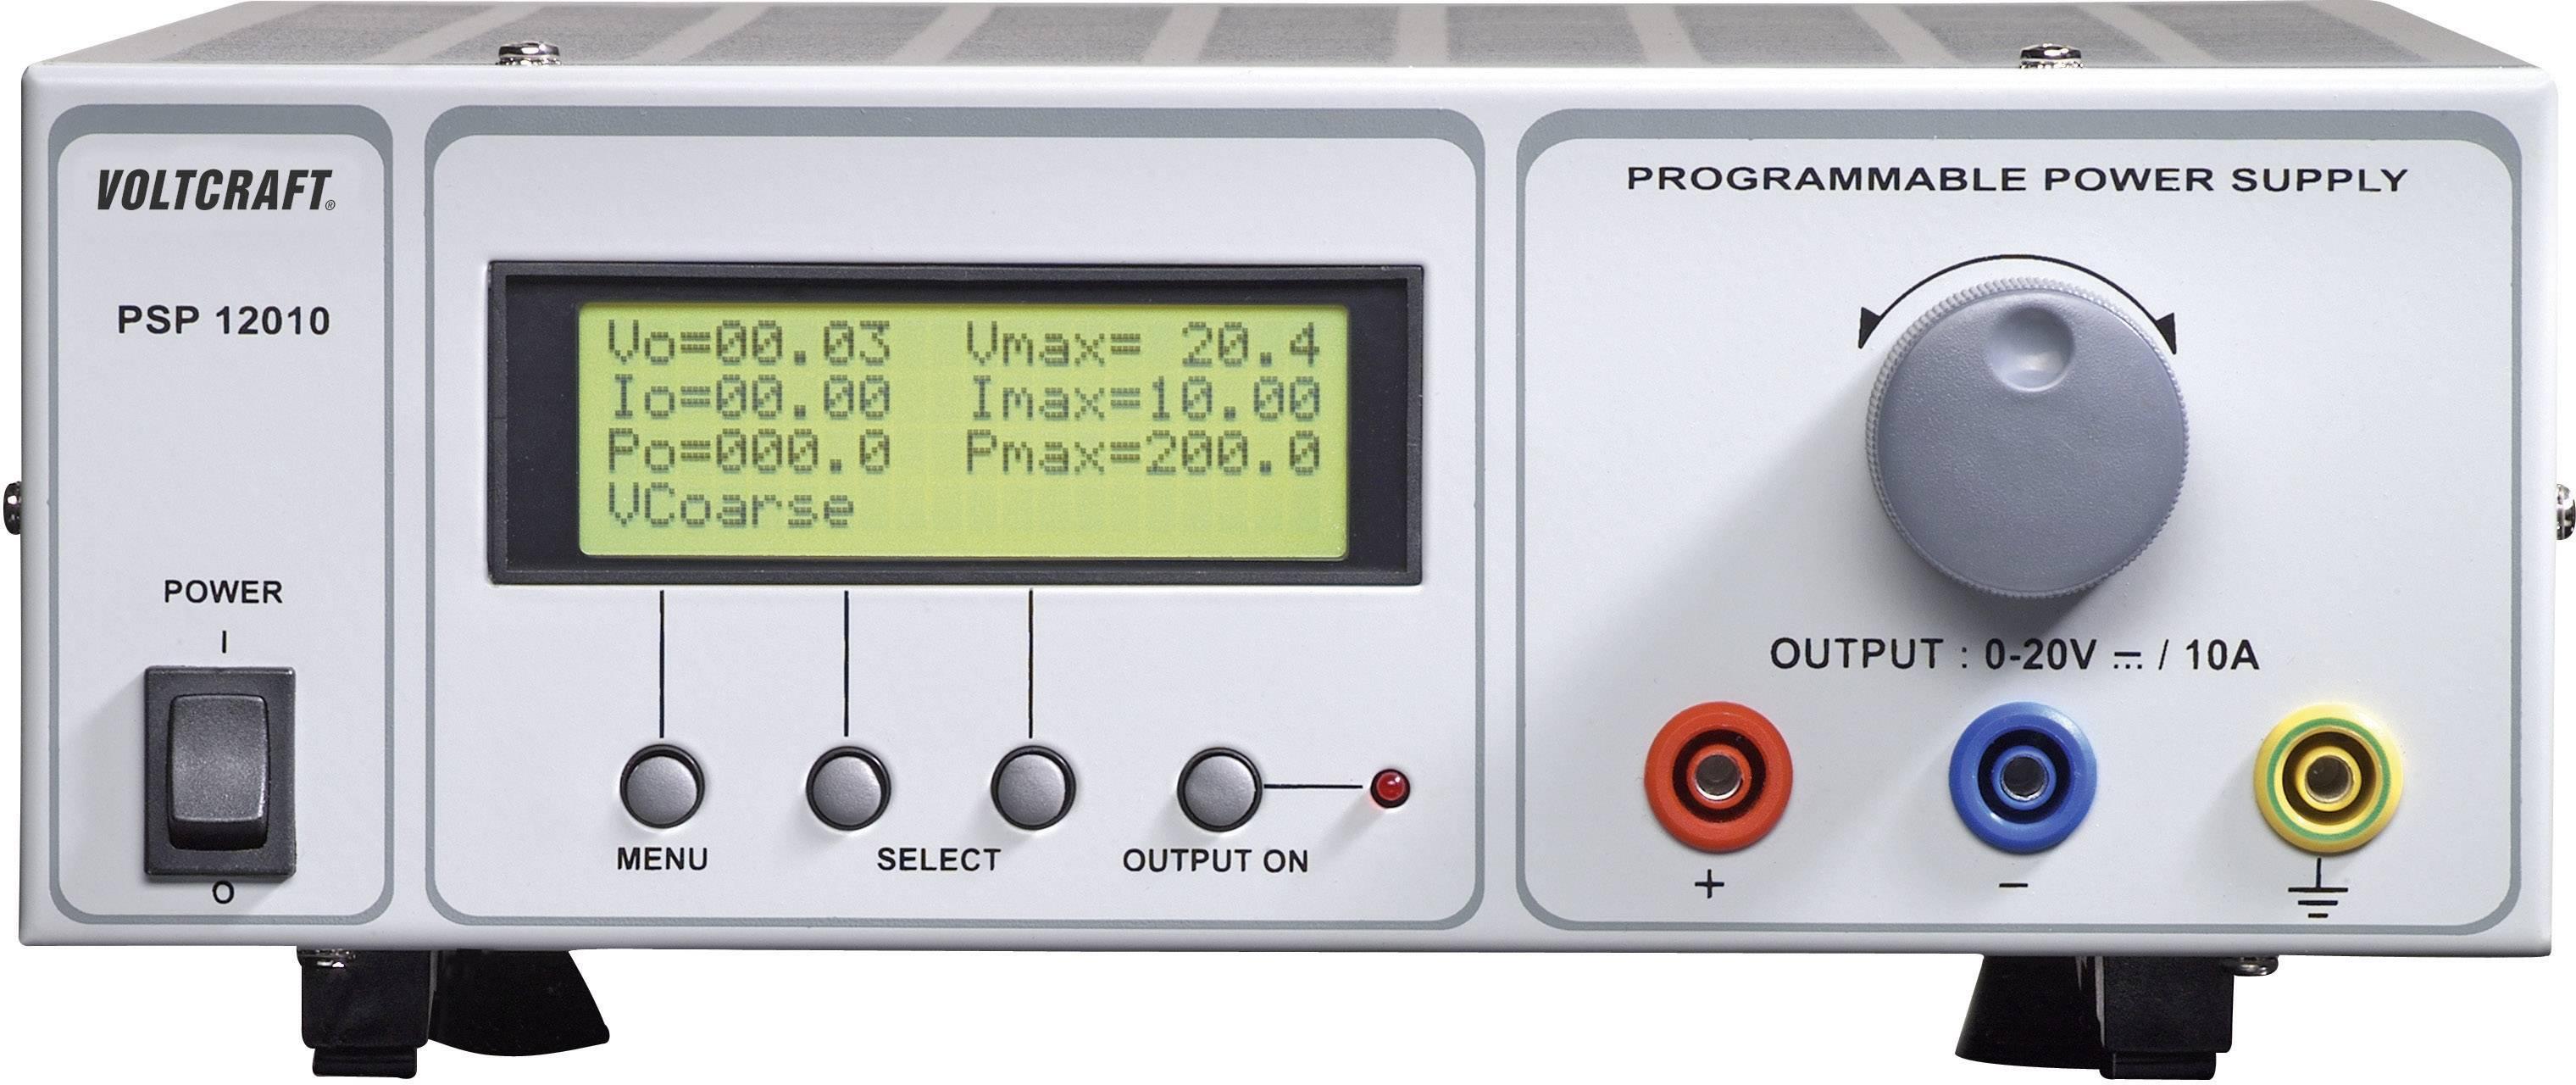 Programovateľný laboratórny sieťový zdroj Voltcraft PSP-12010, 0 - 20 VDC, 0 - 10 A